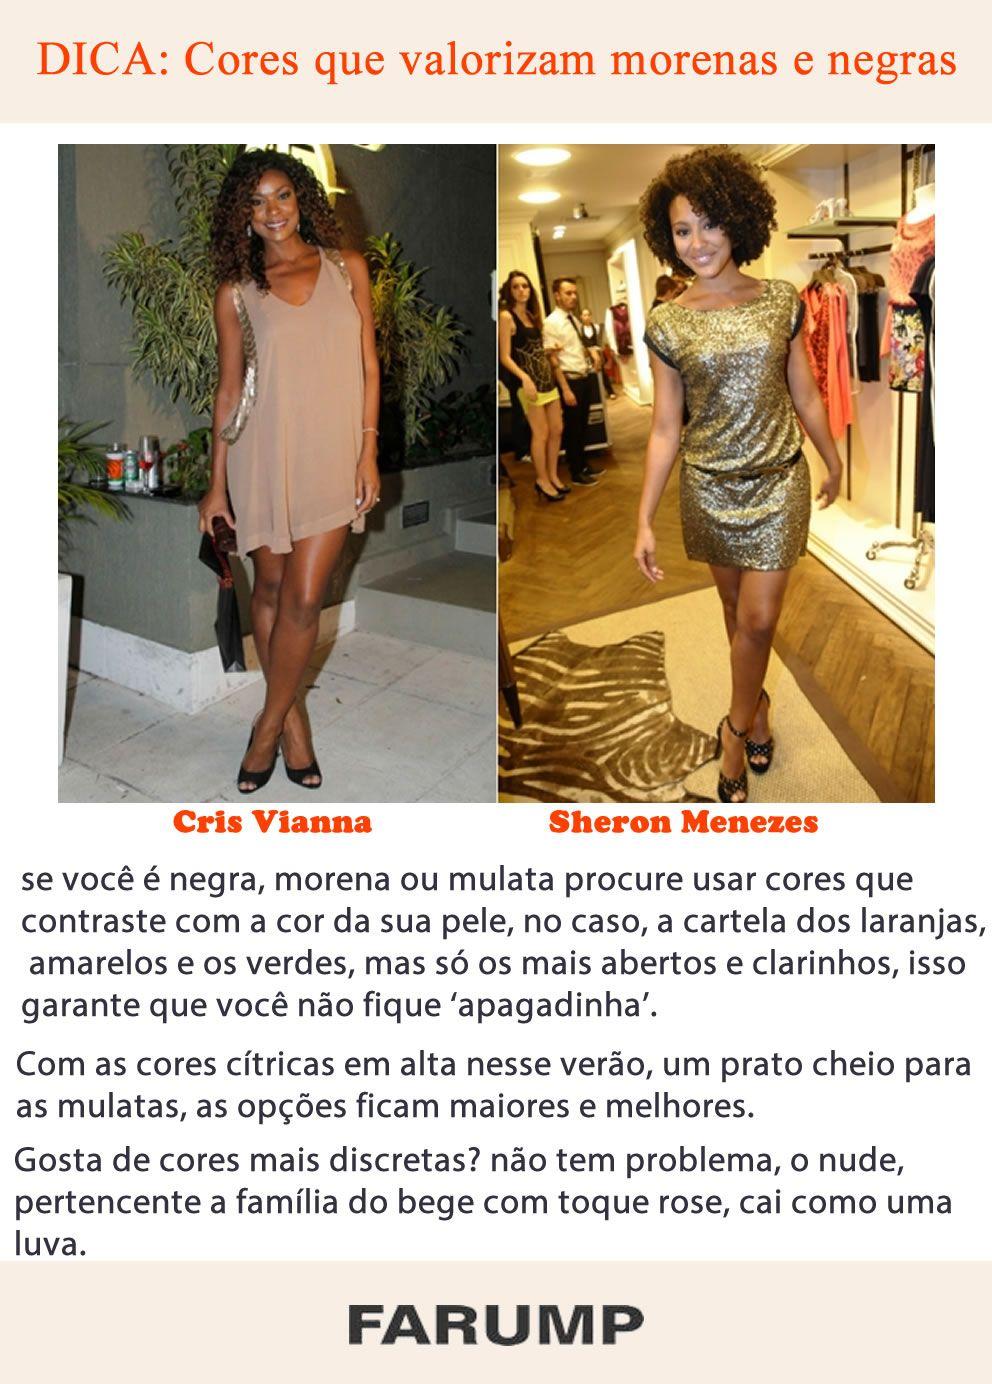 Algumas cores favorecem mais certas mulheres do que outras quando o assunto é moda. E isso acontece não só por conta do biotipo, mas também dependendo da tonalidade de pele. Veja algumas dicas de cores que favorecem mulheres de peles morenas e negras!